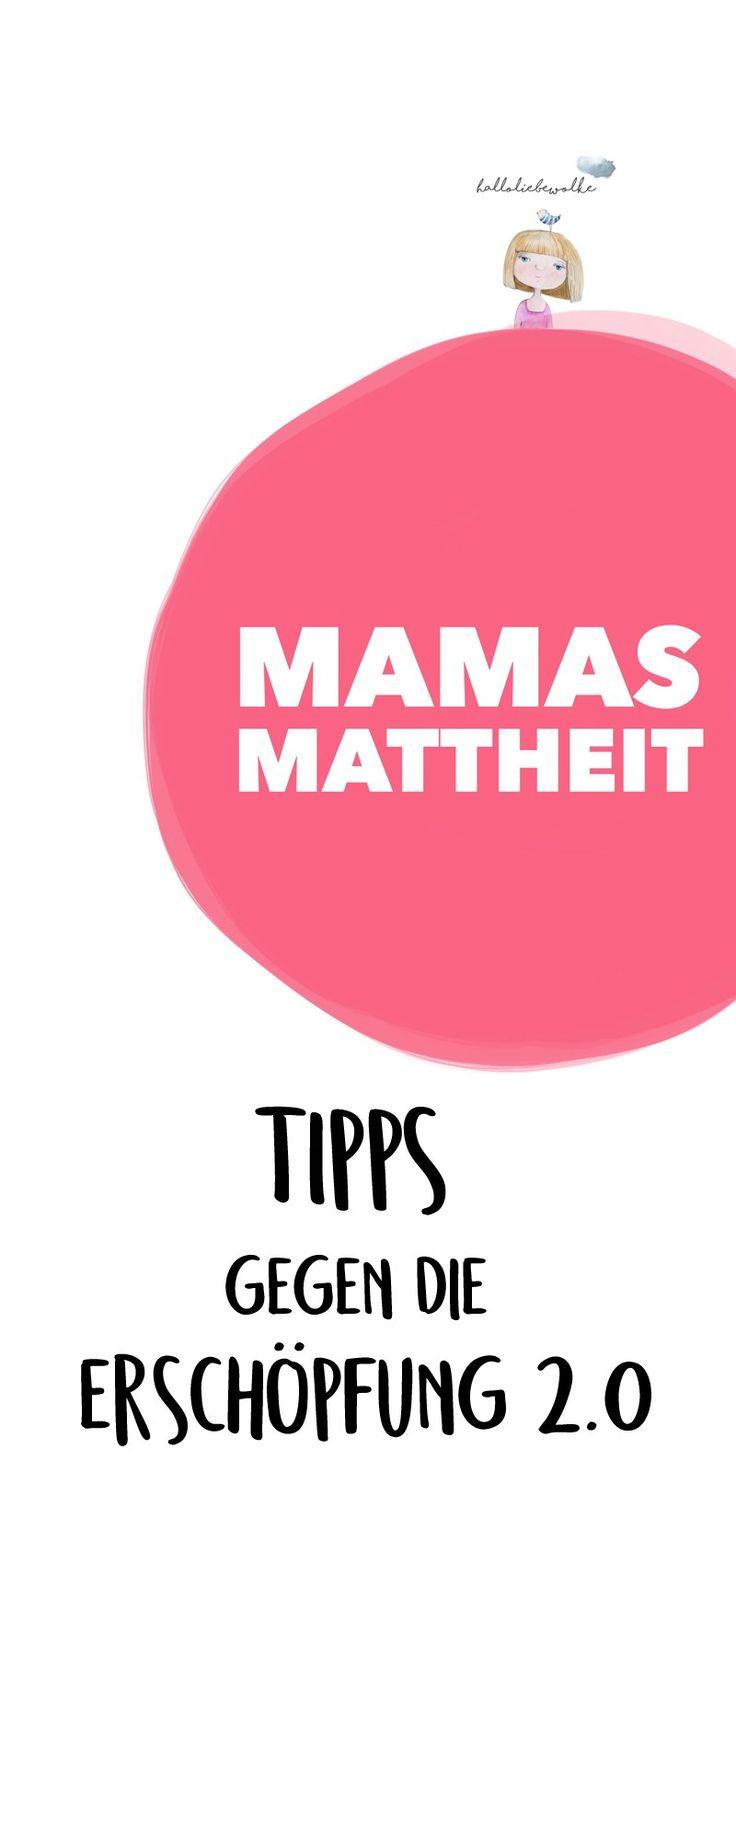 Mamas Mattheit (Tipps gegen die Erschöpfung 2.0) – Hallo liebe Wolke – Mama sein, Erziehung, Familie